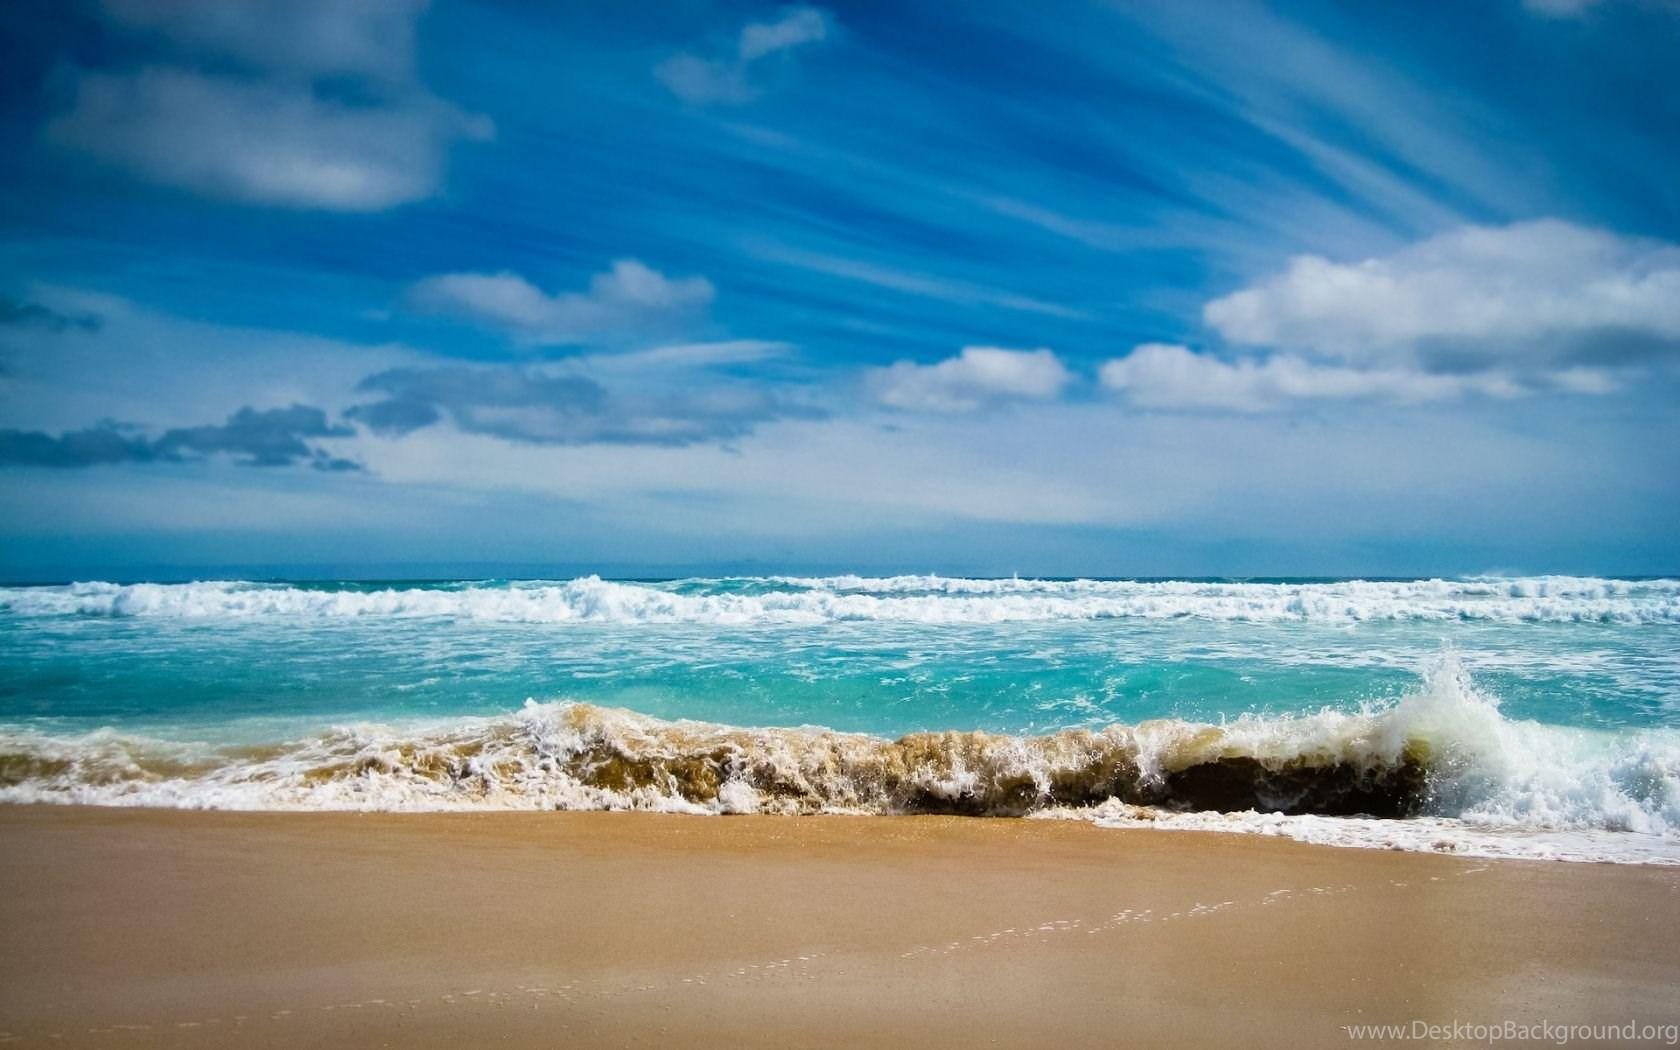 Beach Waves Wallpaper Desktop